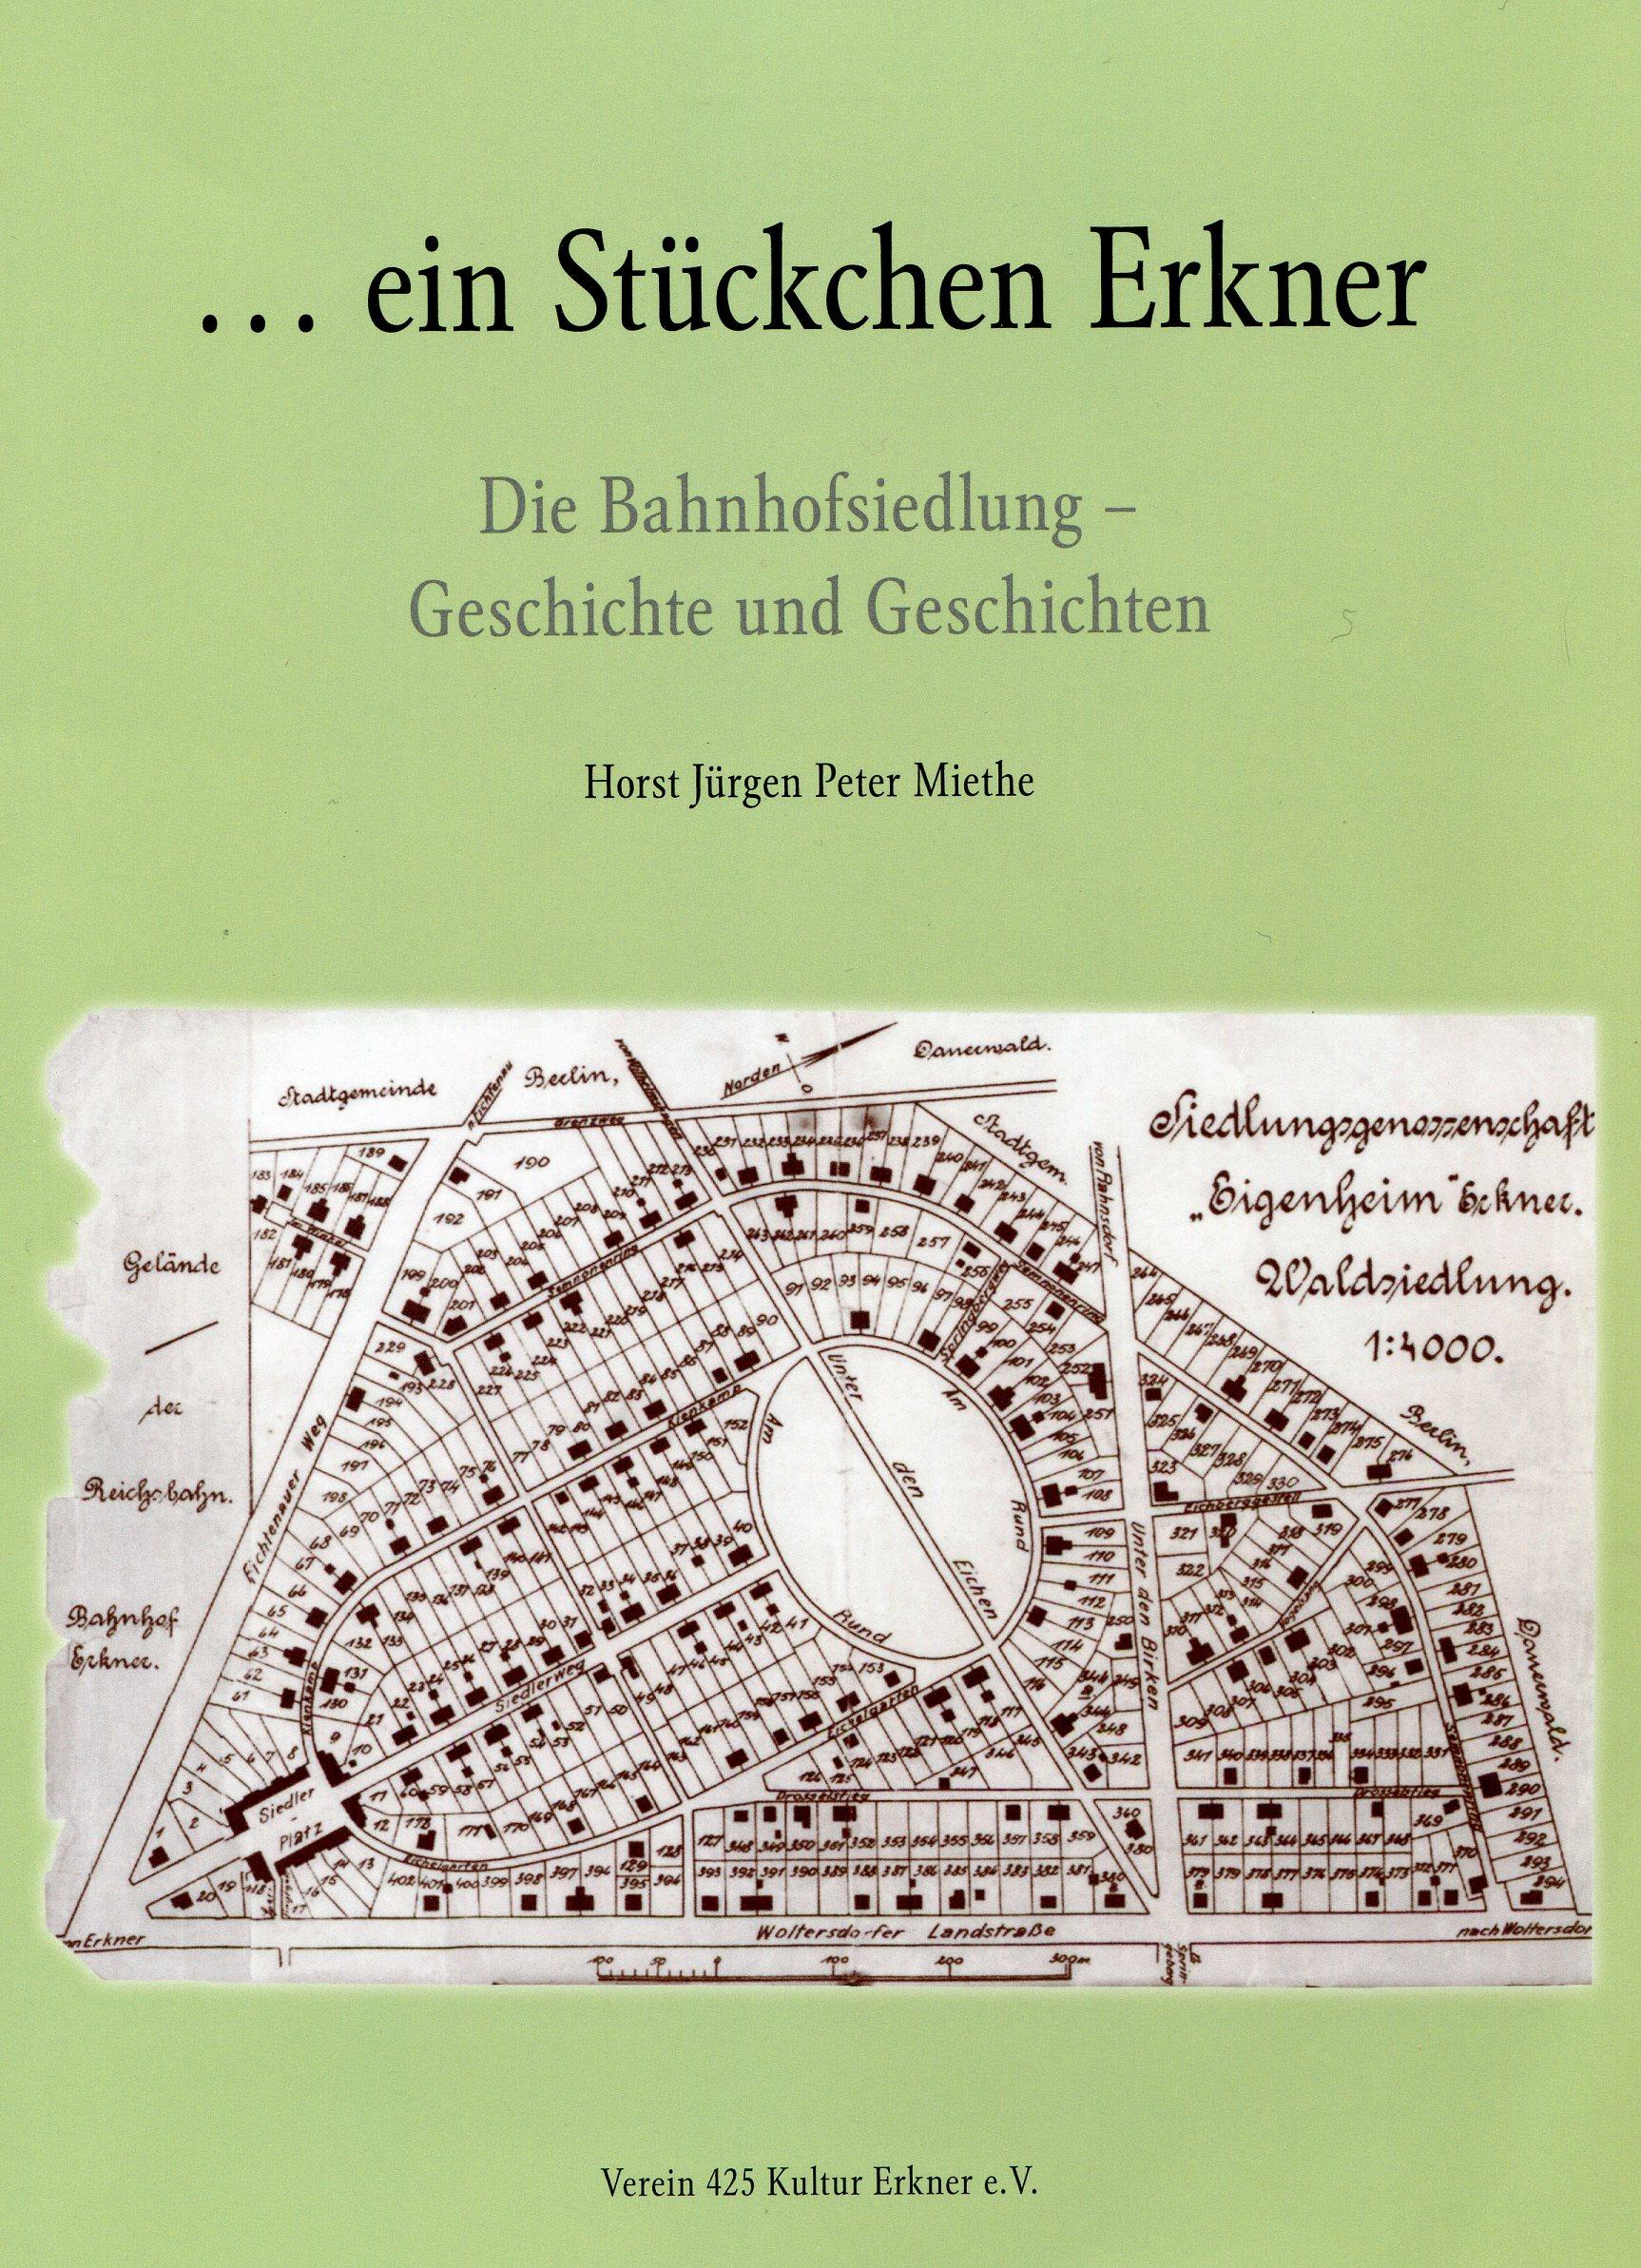 Broschüre Bahnhofsiedlung Erkner